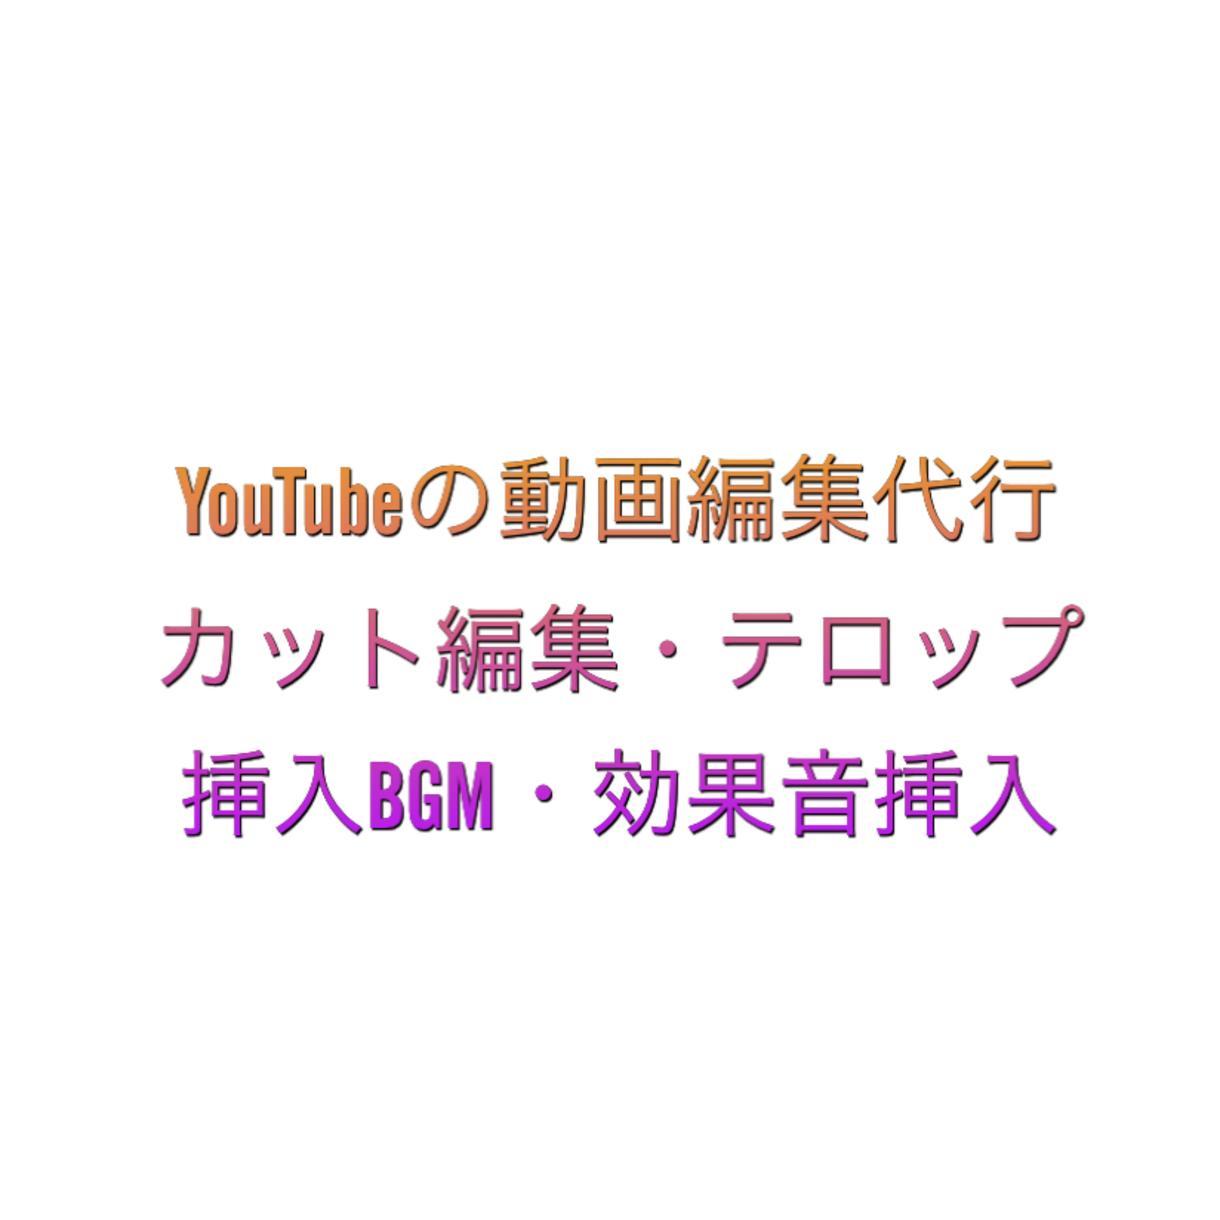 YouTubeの動画編集します めんどくさい動画編集。あなたに変わってさせて頂きます! イメージ1